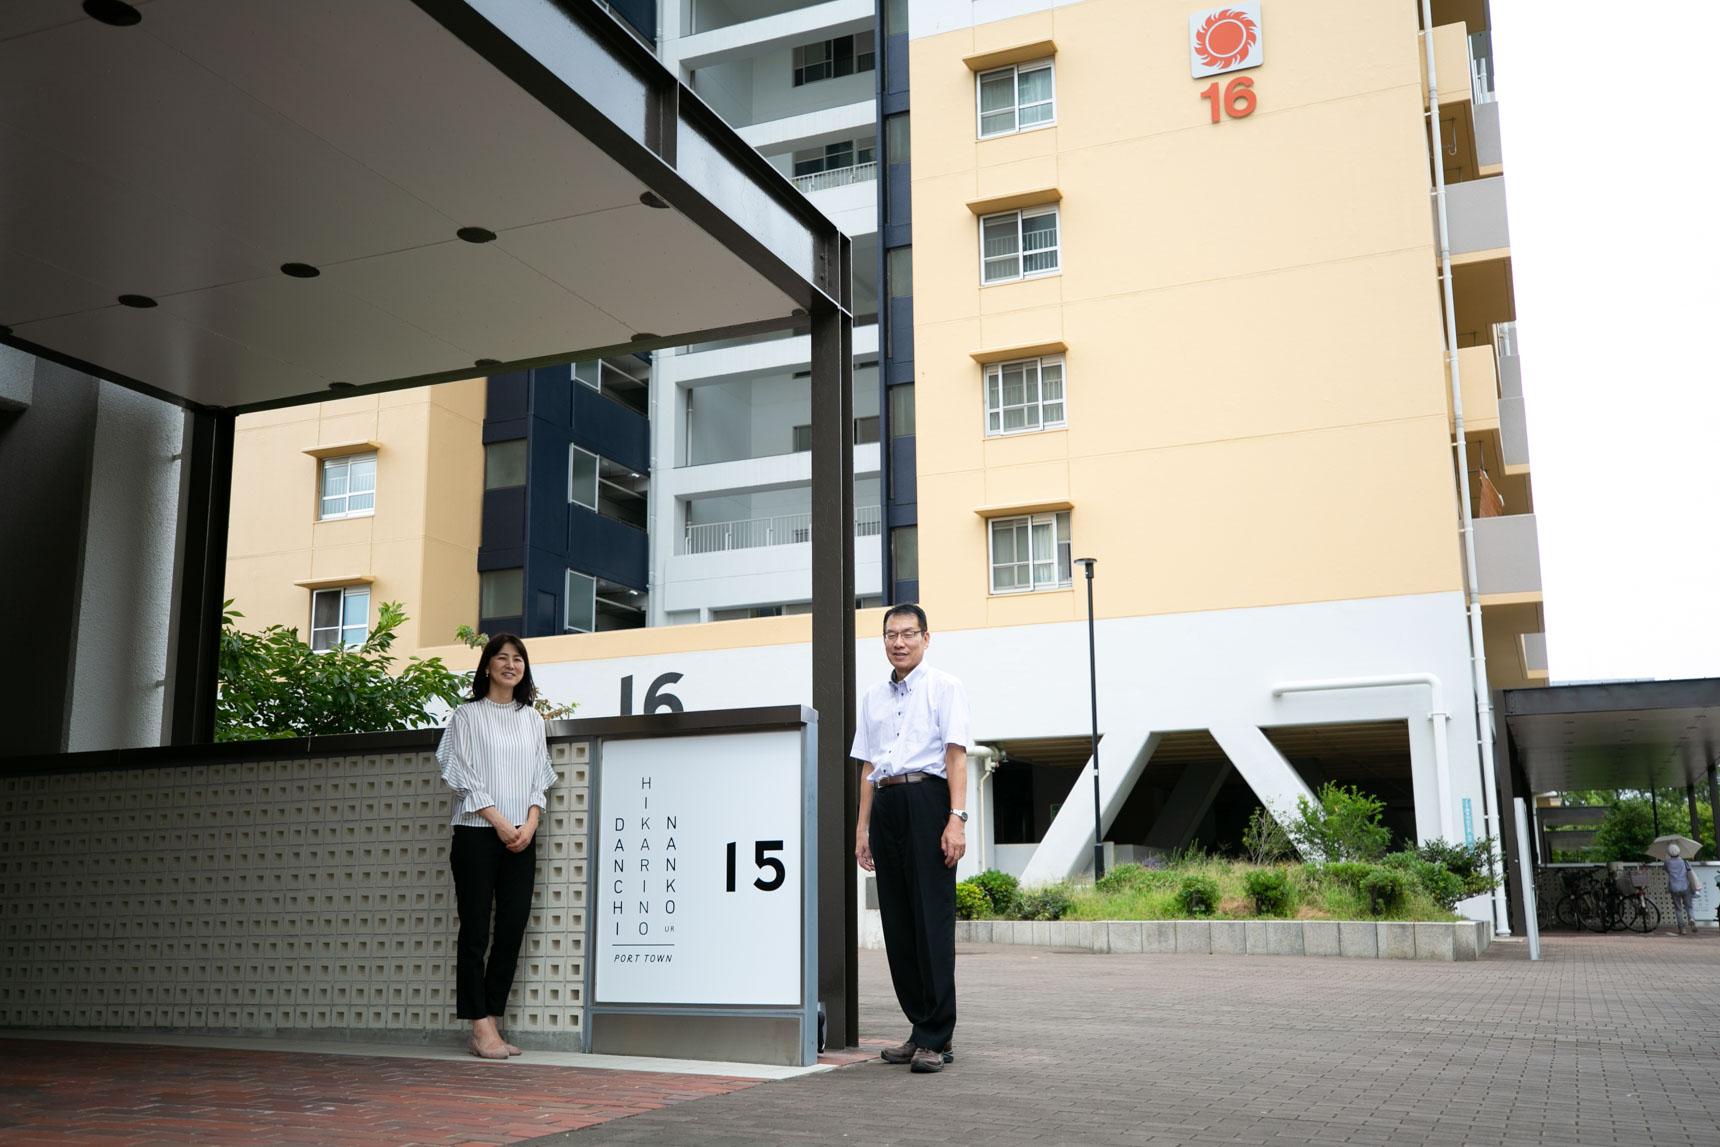 ご案内してくださったのは、UR都市機構の杉田さん(写真左)と和藤さん(写真右)